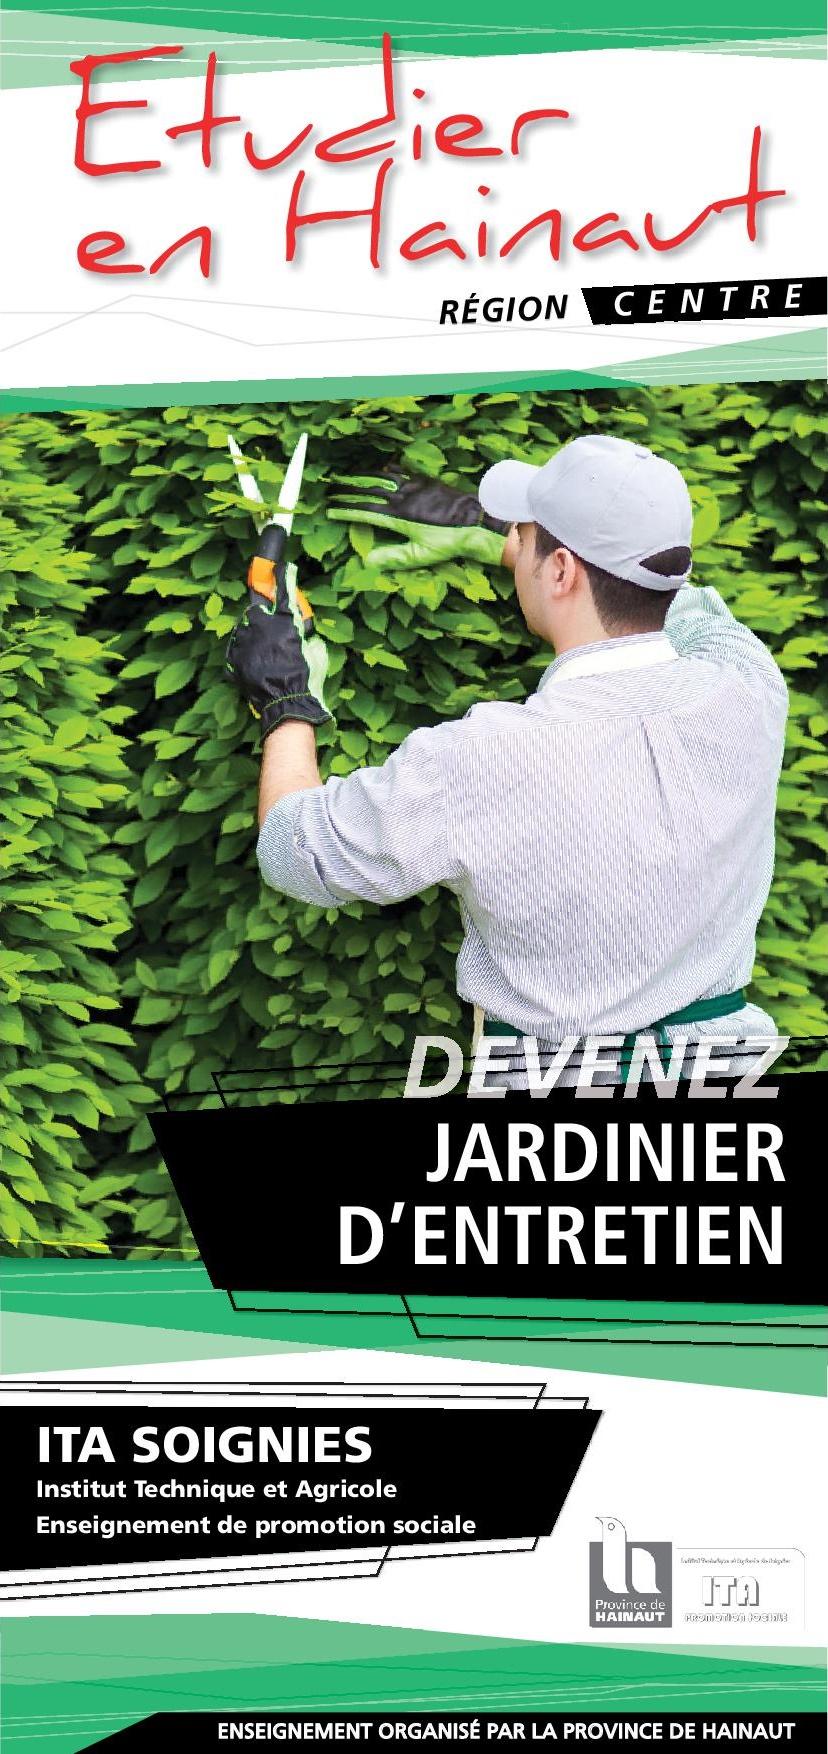 Jardinier d'entretien en 2 ans : un métier 100% plein air et plein emploi